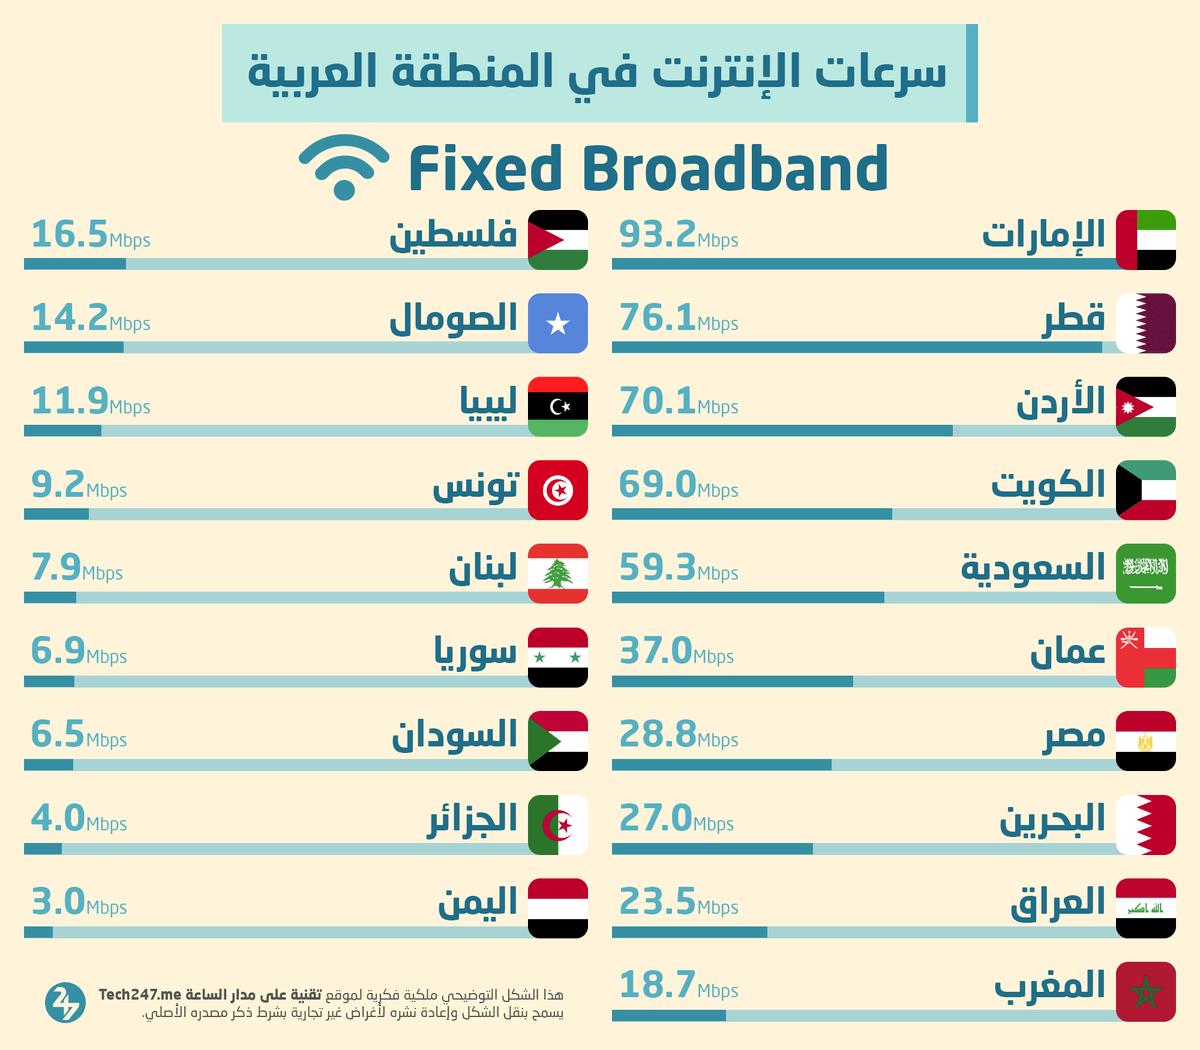 أعلى سرعات الإنترنت الثابت في المنطقة العربية